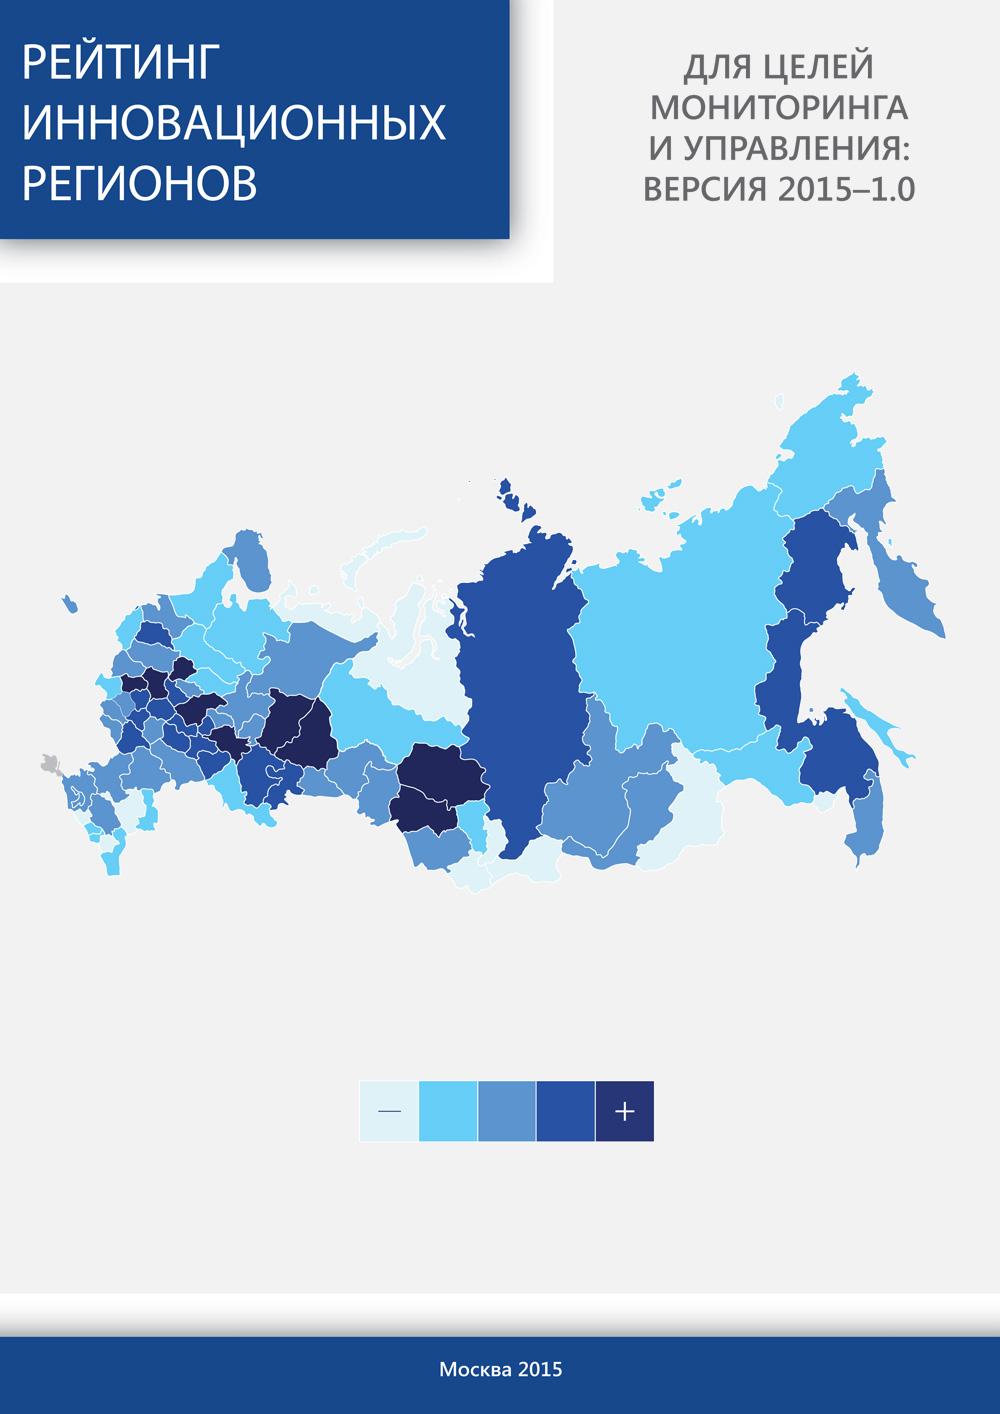 Рейтинг инновационных регионов России 2015